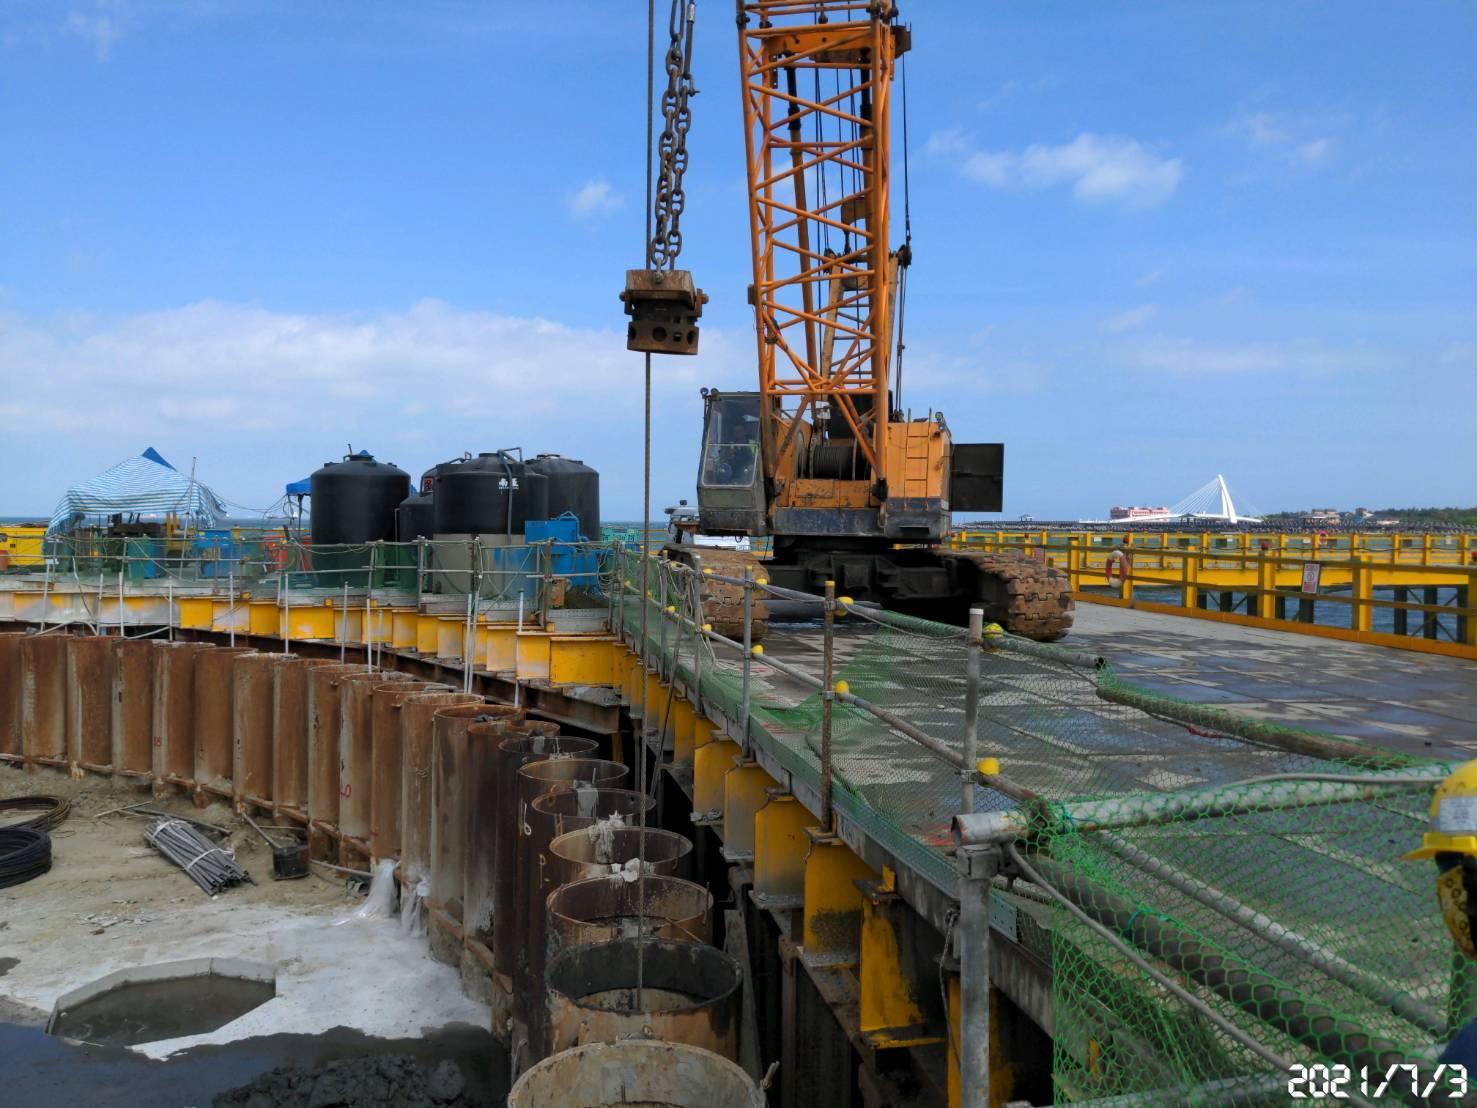 鋼管鈑樁管內取土作業.